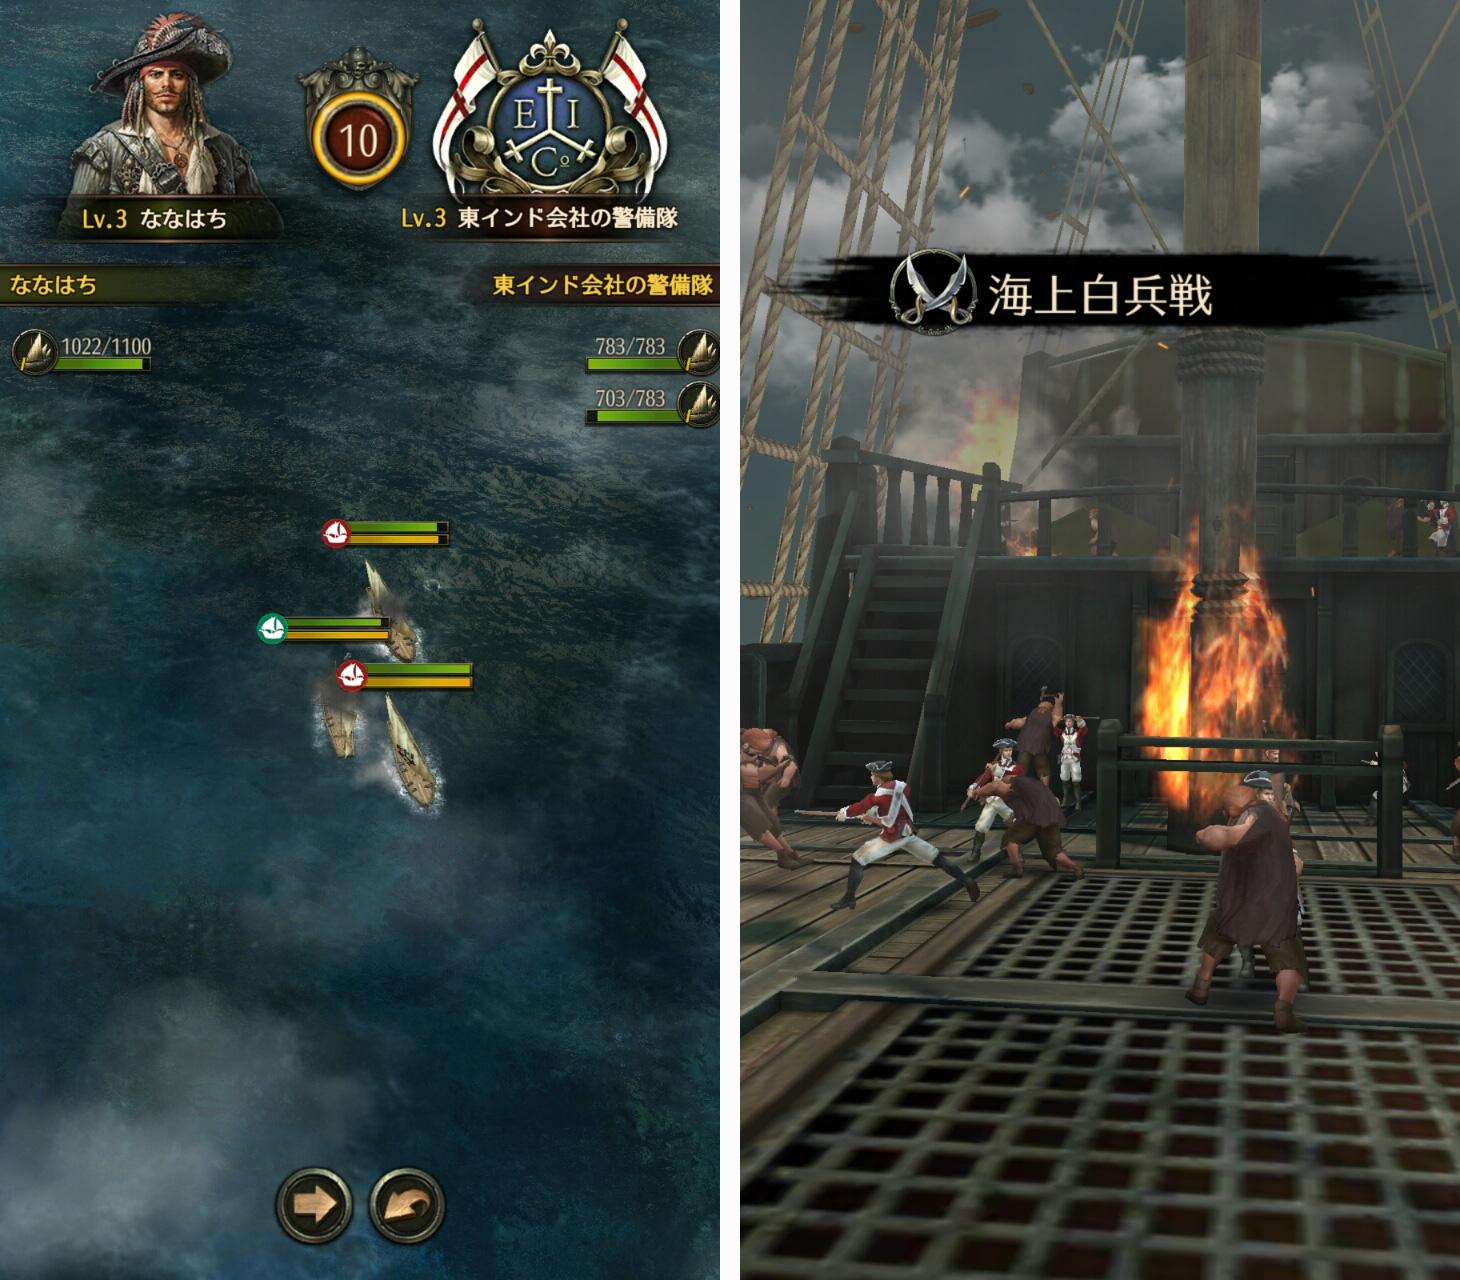 パイレーツ・オブ・カリビアン:大海の覇者 androidアプリスクリーンショット1